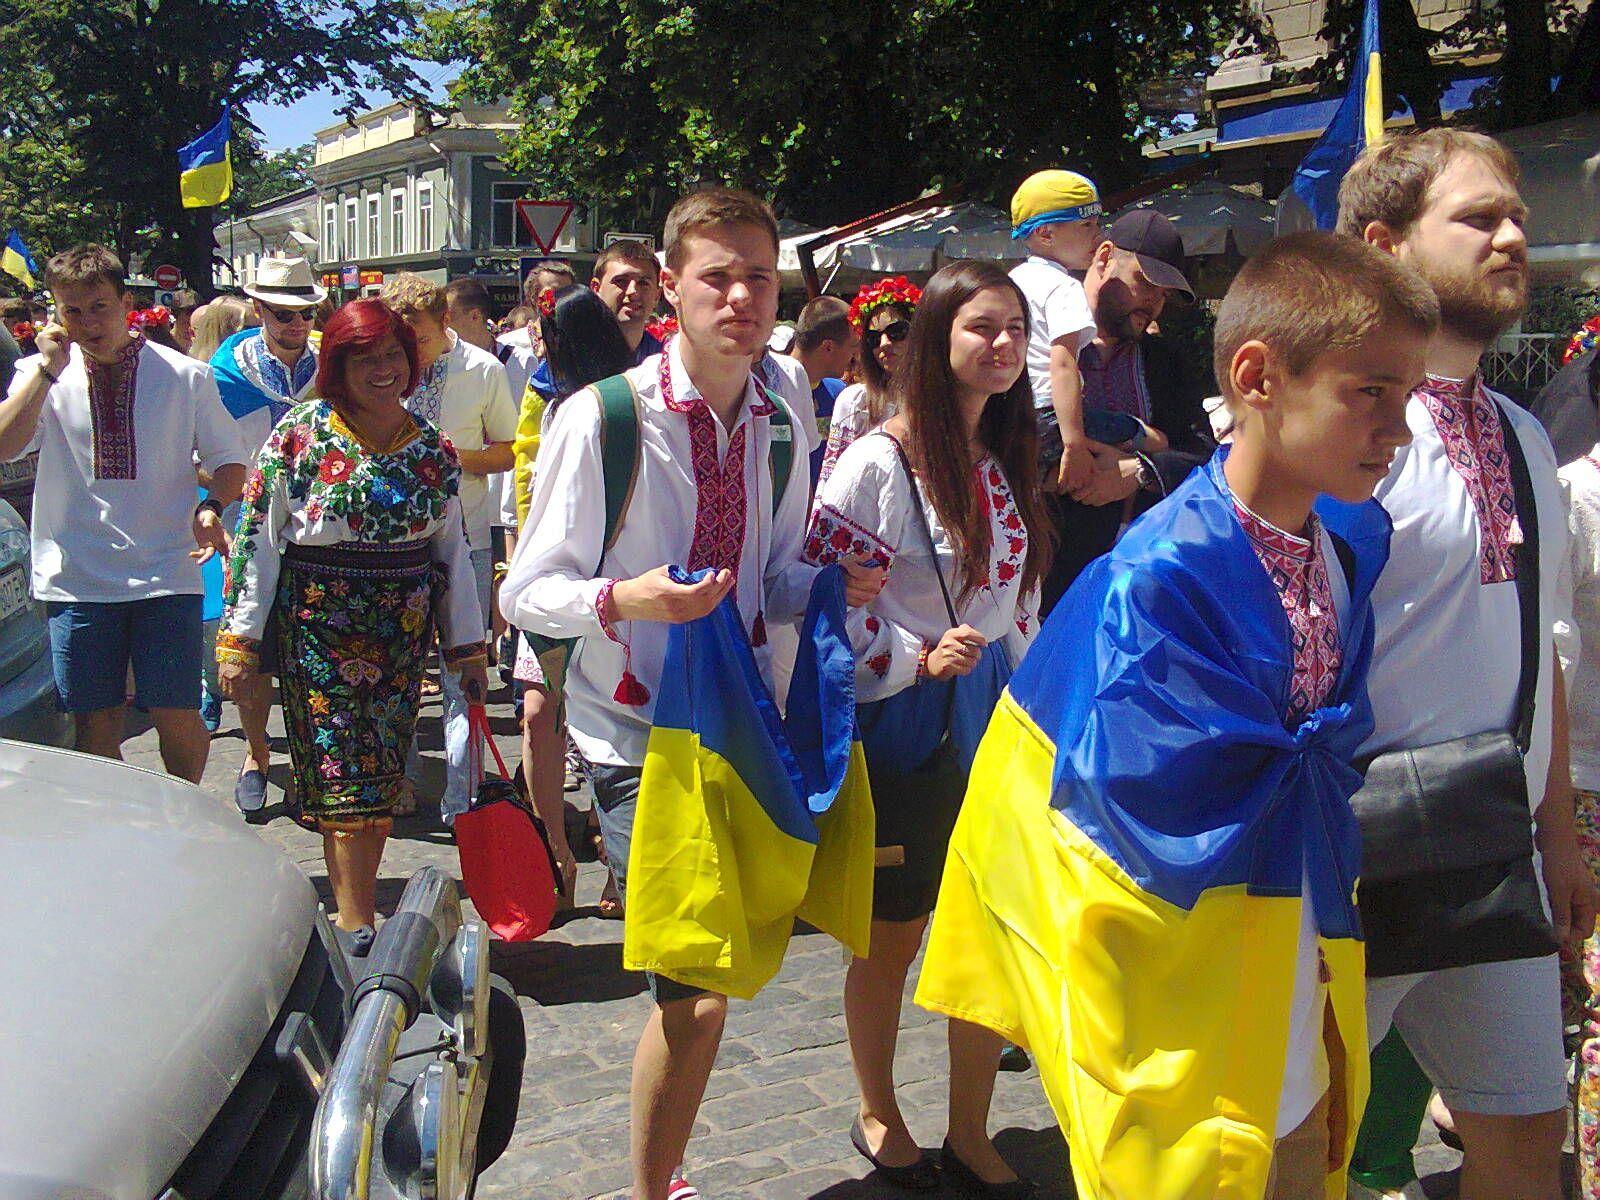 """""""Ще на вмерла України ні слава, ні воля"""", - сотрудники посольства США поздравили украинцев с Днем Независимости, прочитав гимн на 17 языках - Цензор.НЕТ 2252"""